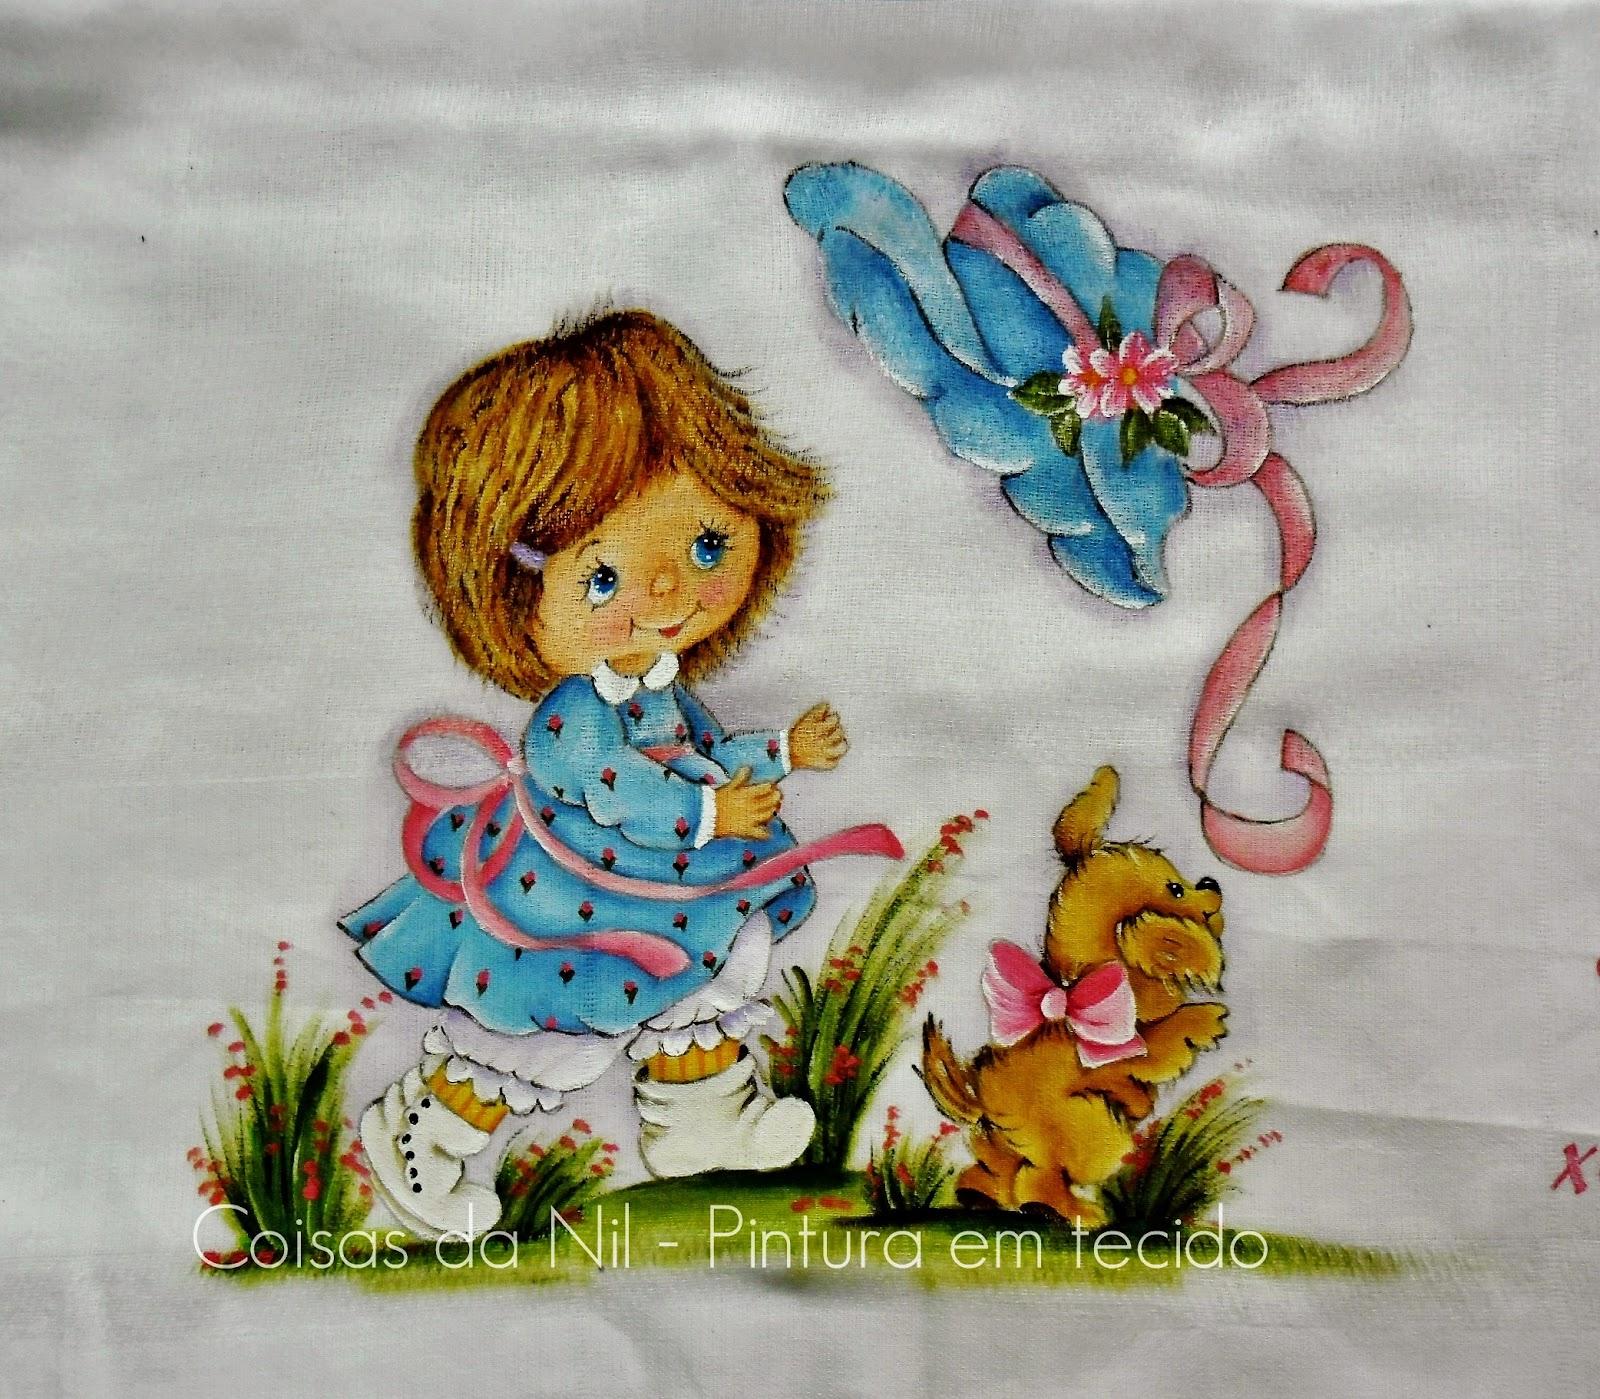 pintura em tecido fralda com menininha de vestido azul com cachorro